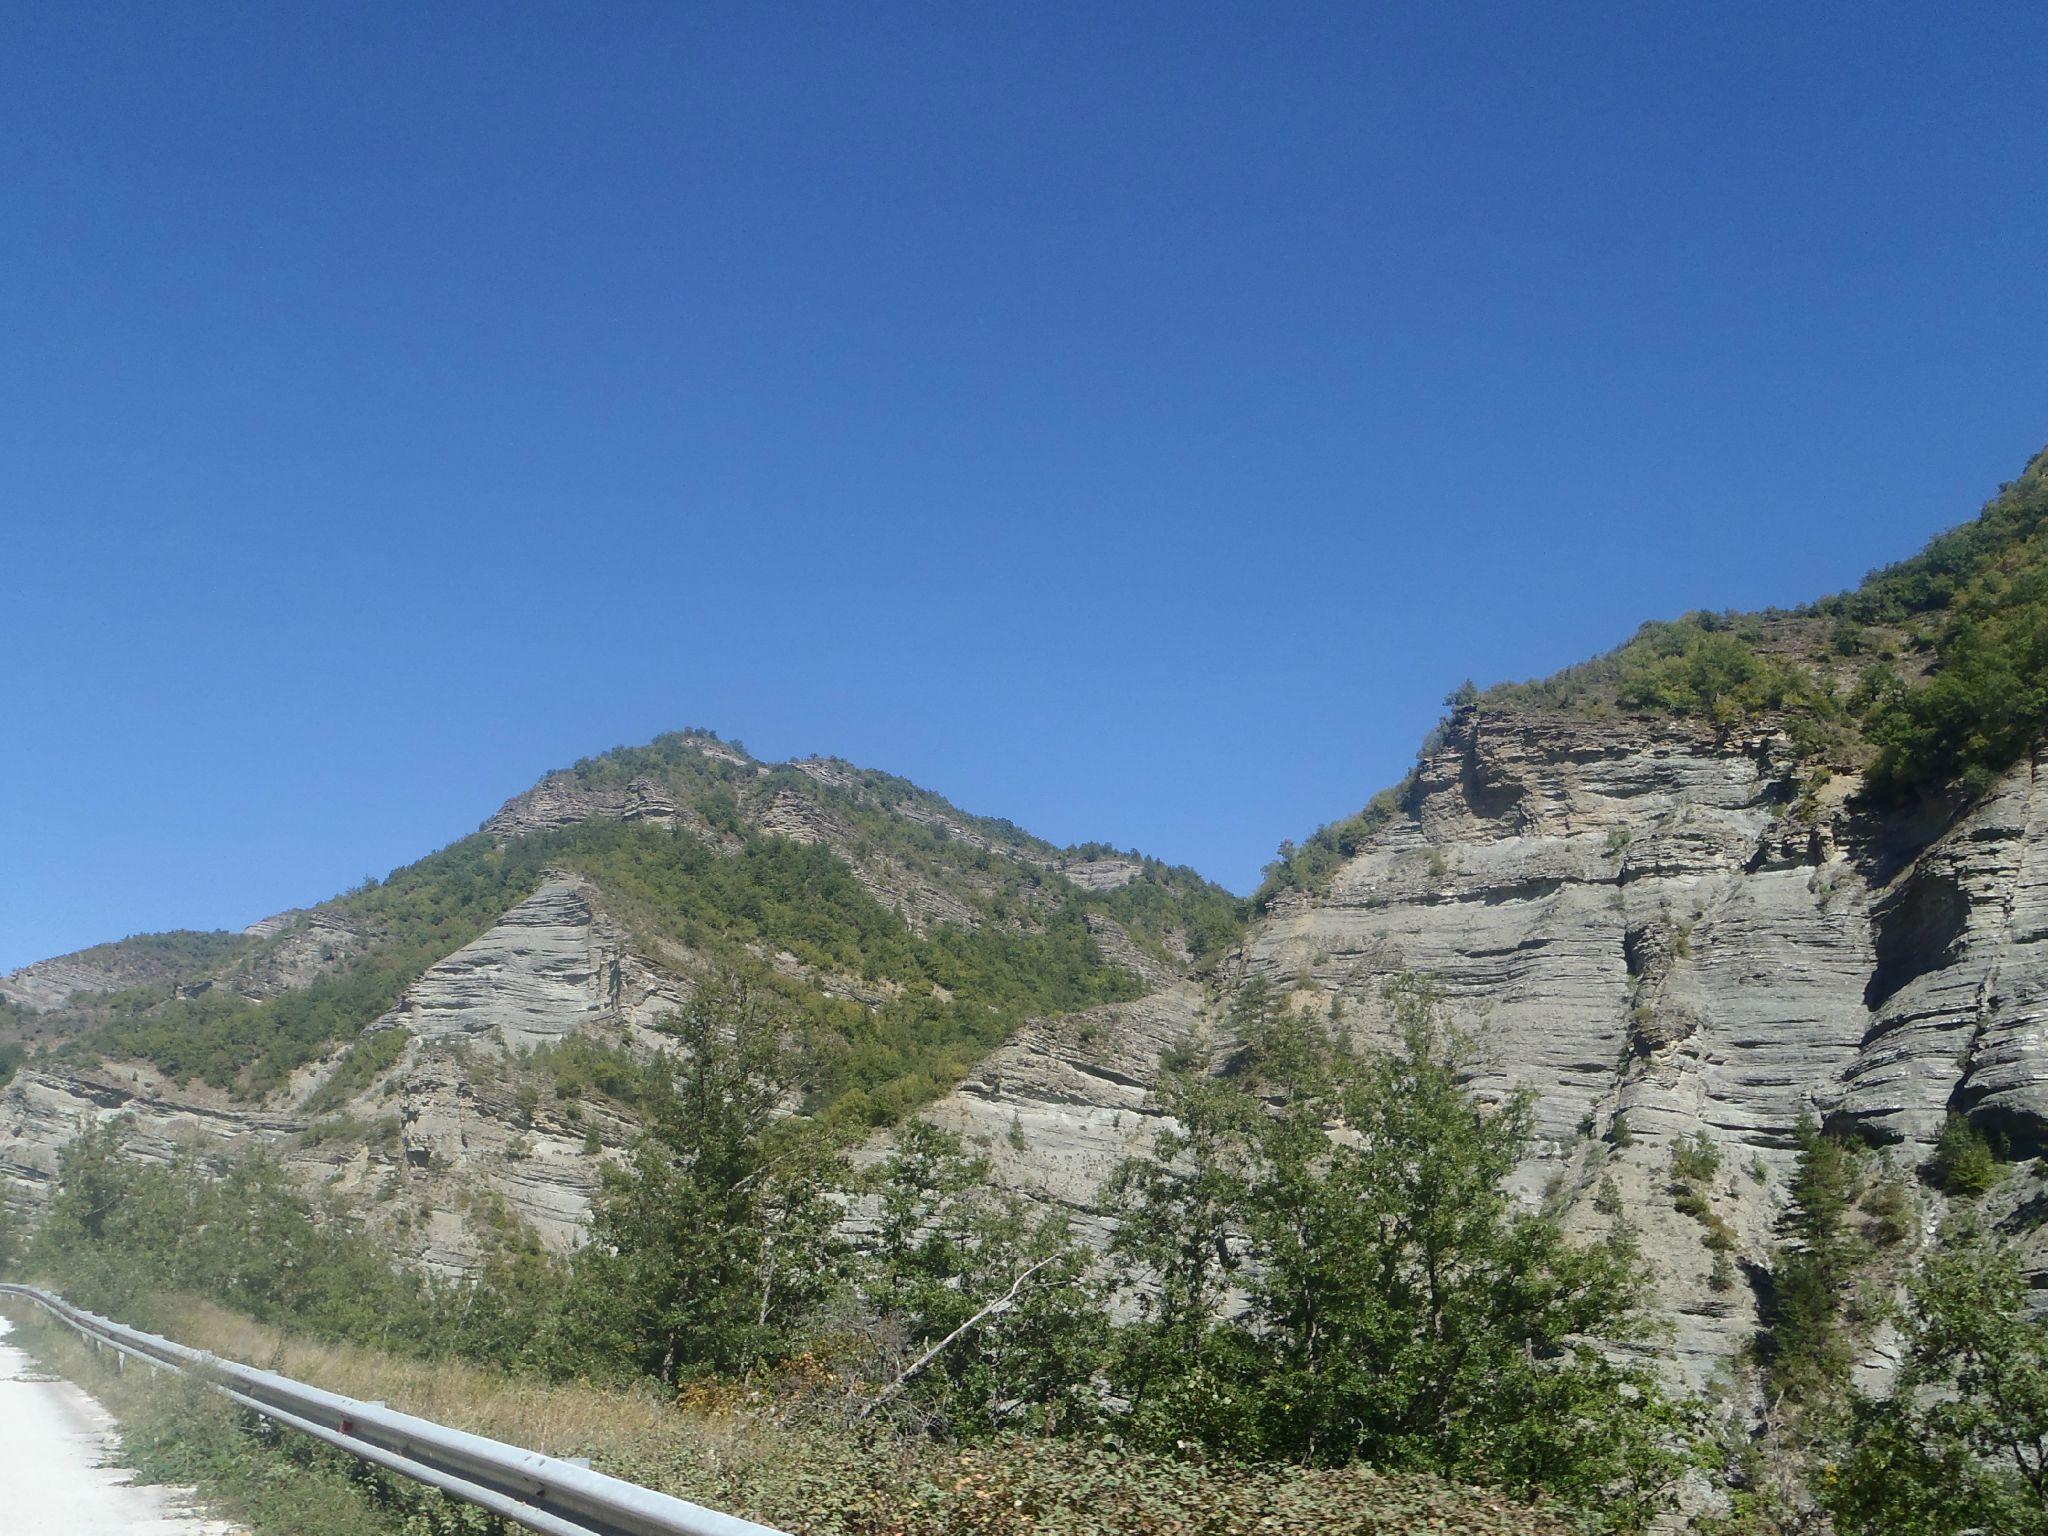 grèce proche macédoine route de montagne encaissée